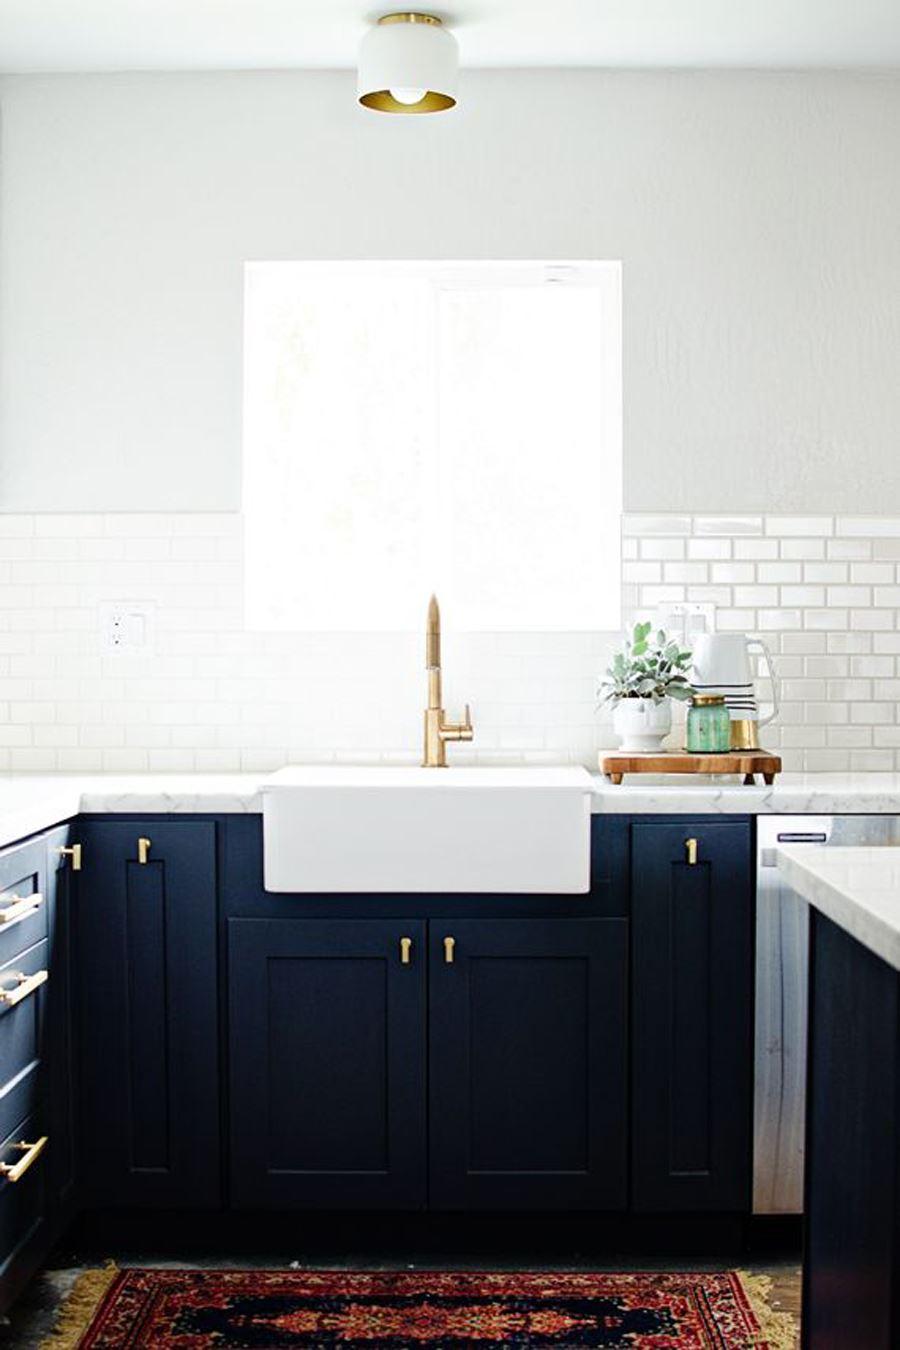 Modern beyaz mutfak dolab dizayni en son dekorasyon modelleri - Siyah Mutfak Dolab Siyah Beyaz Mutfak Dekorasyonu